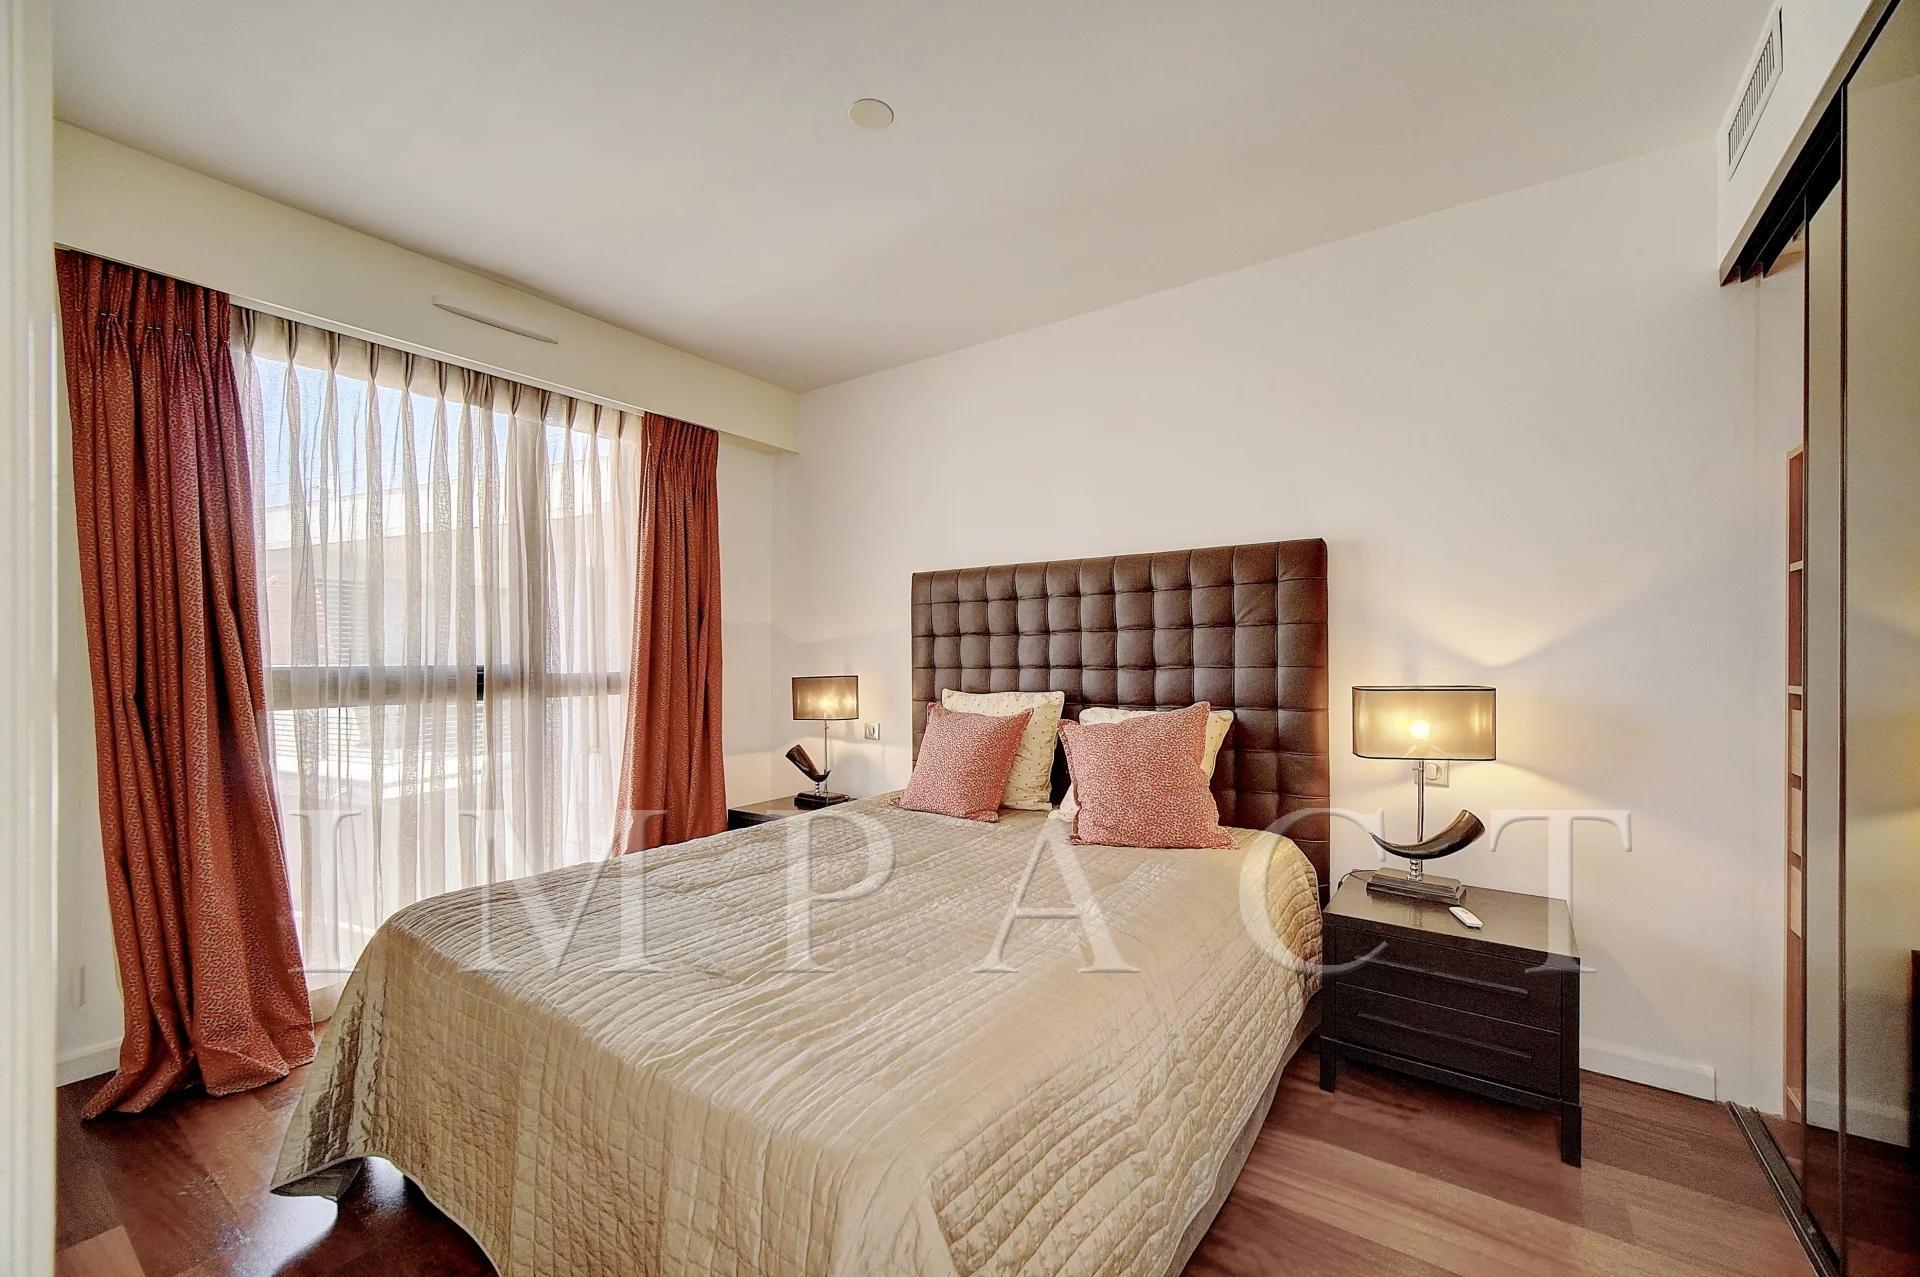 Location Nouvel appartement en plein centre de Cannes